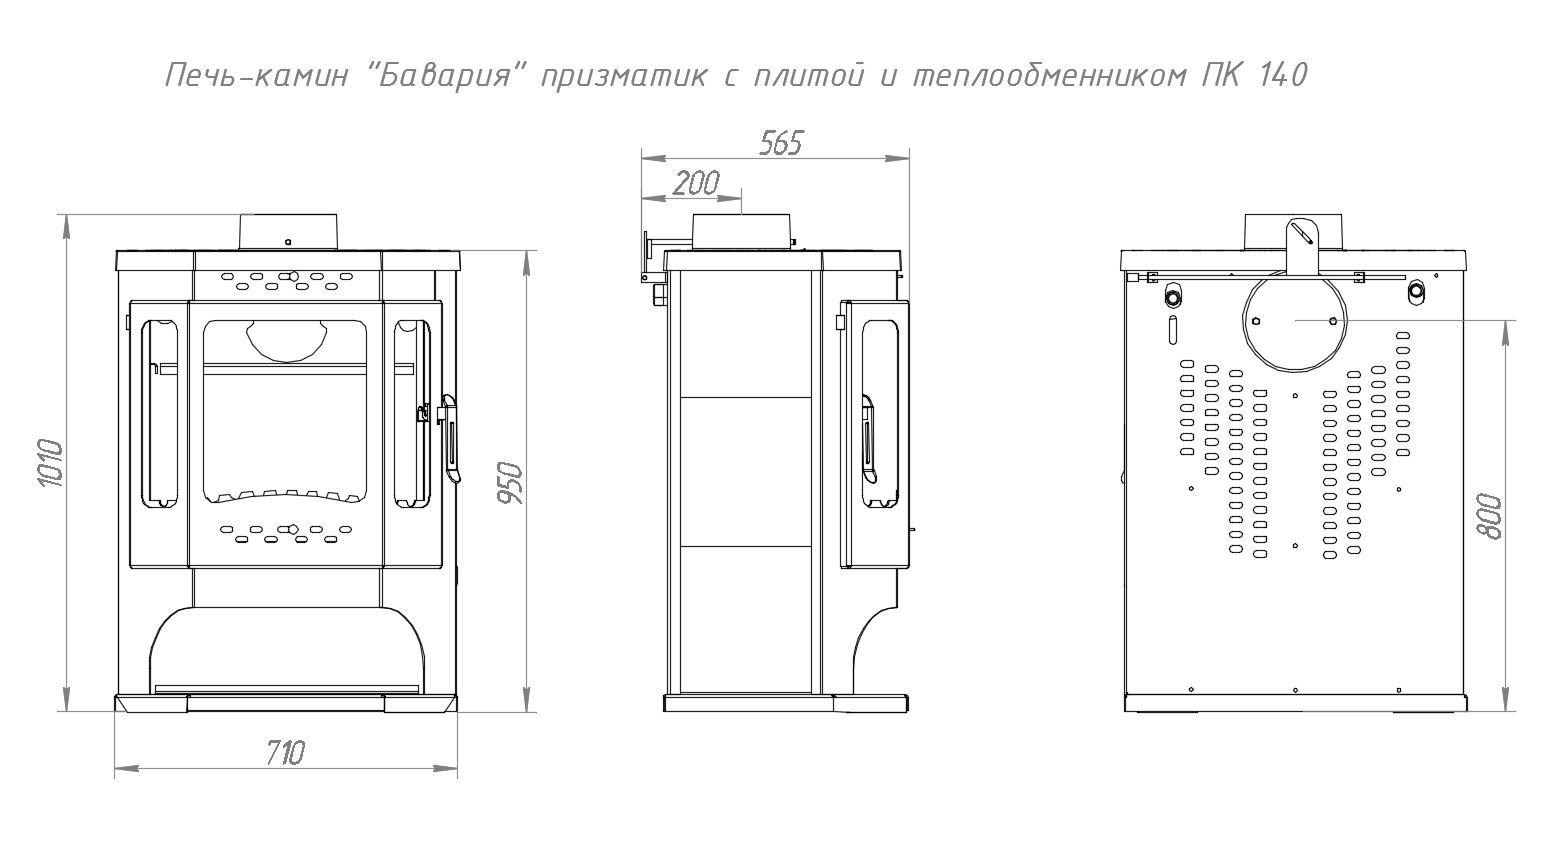 Печь бавария с плитой и теплообменником инструкция по эксплуатации средство для удаления накипи в теплообменниках пенза